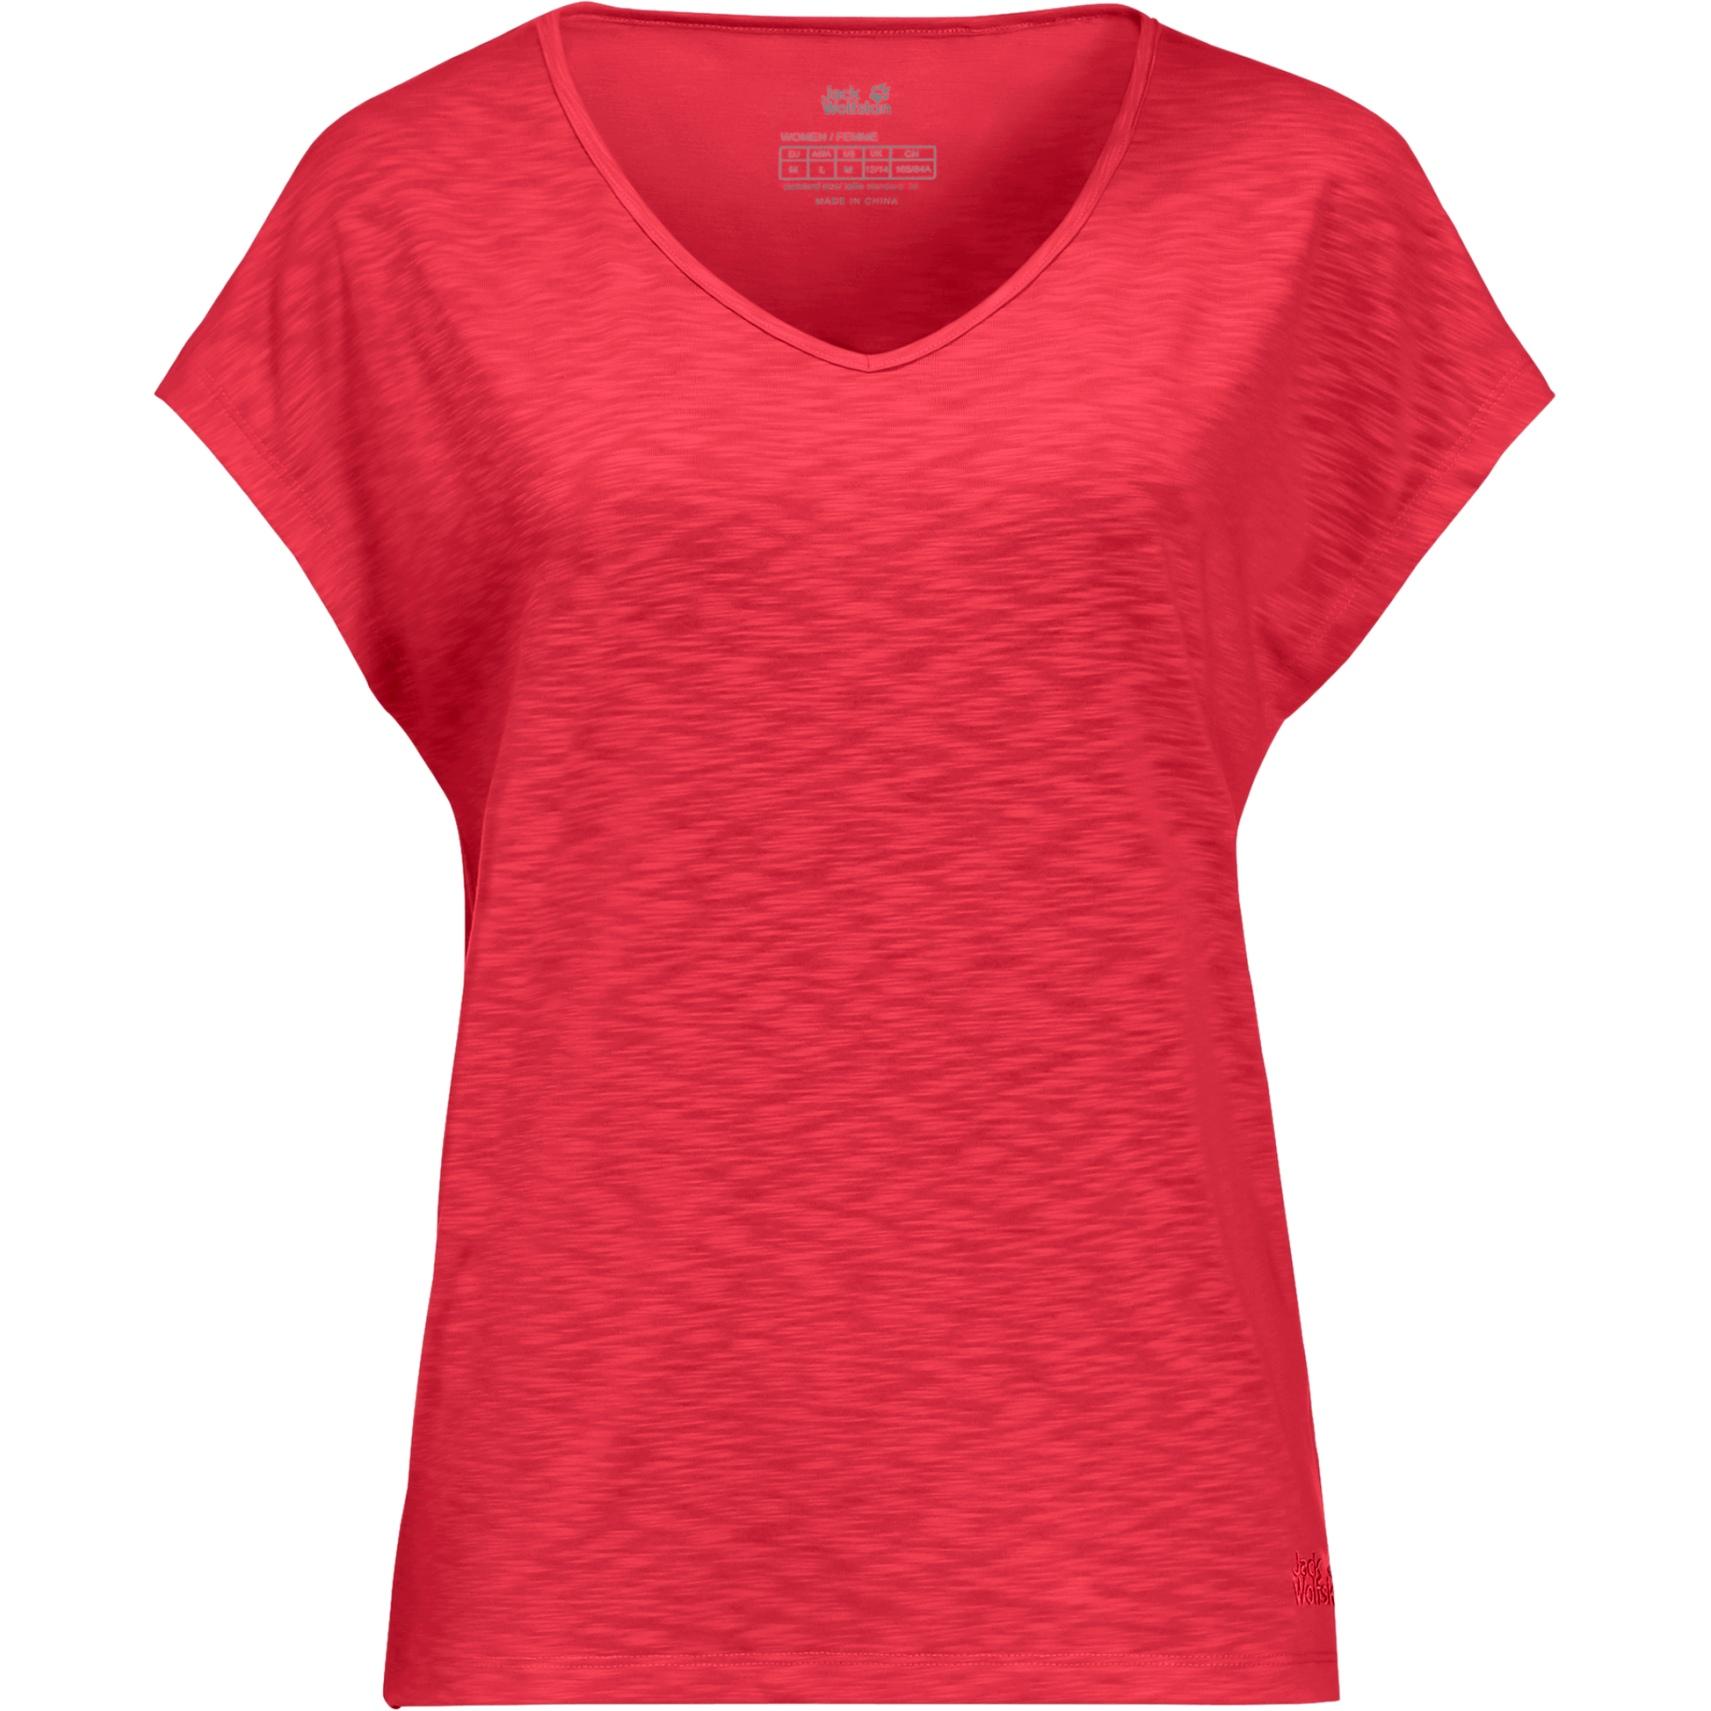 Jack Wolfskin Travel T W Damen T-Shirt - tulip red